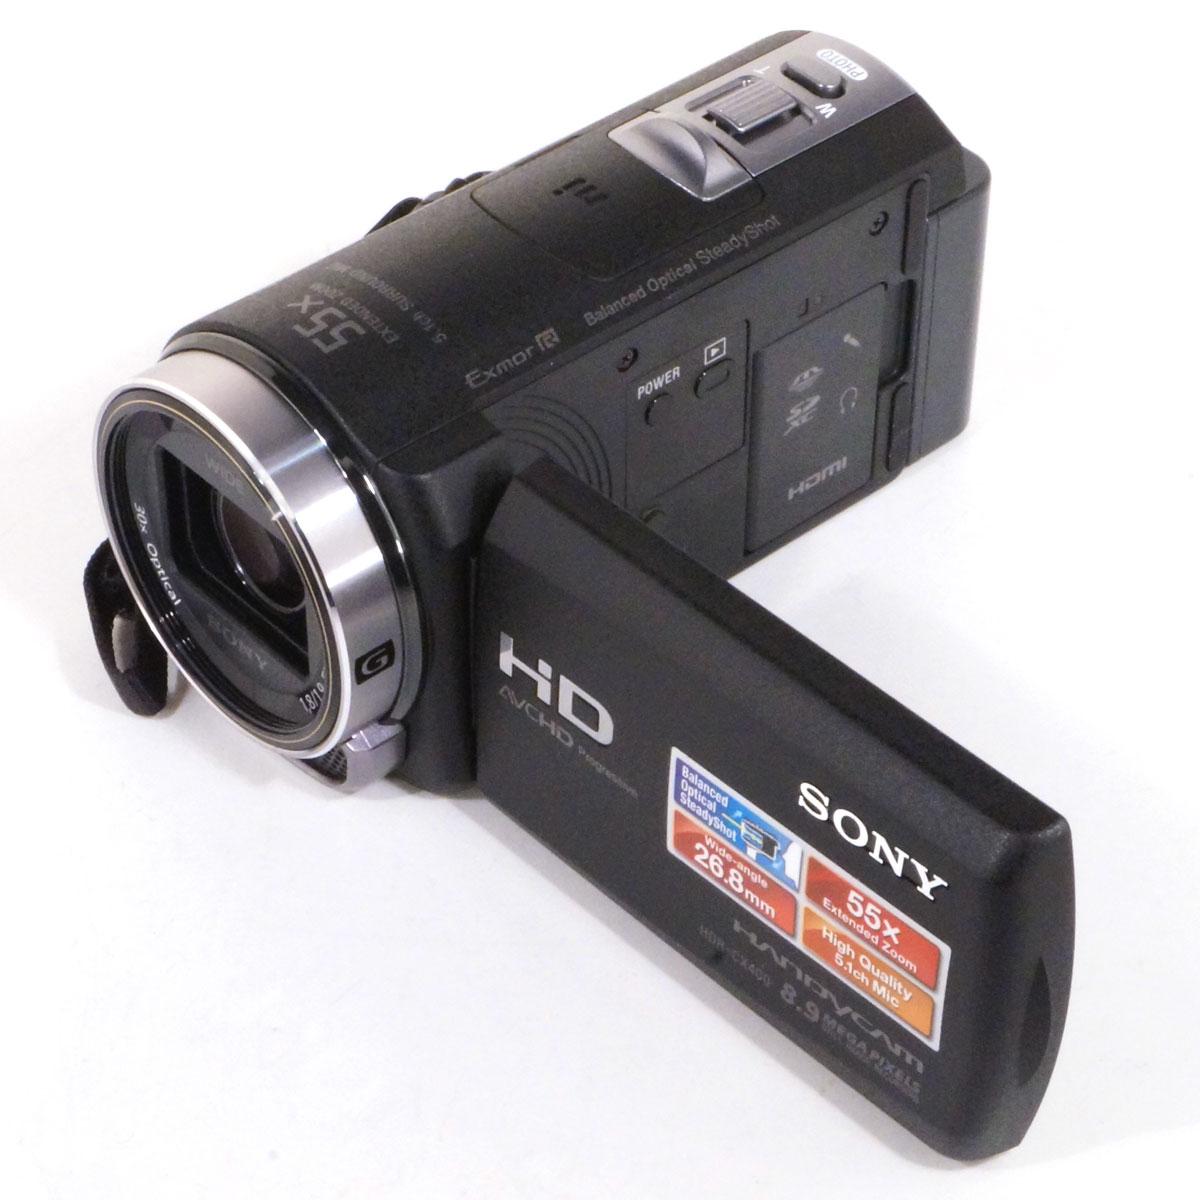 видеокамера самсунг digital zoom инструкция и описание